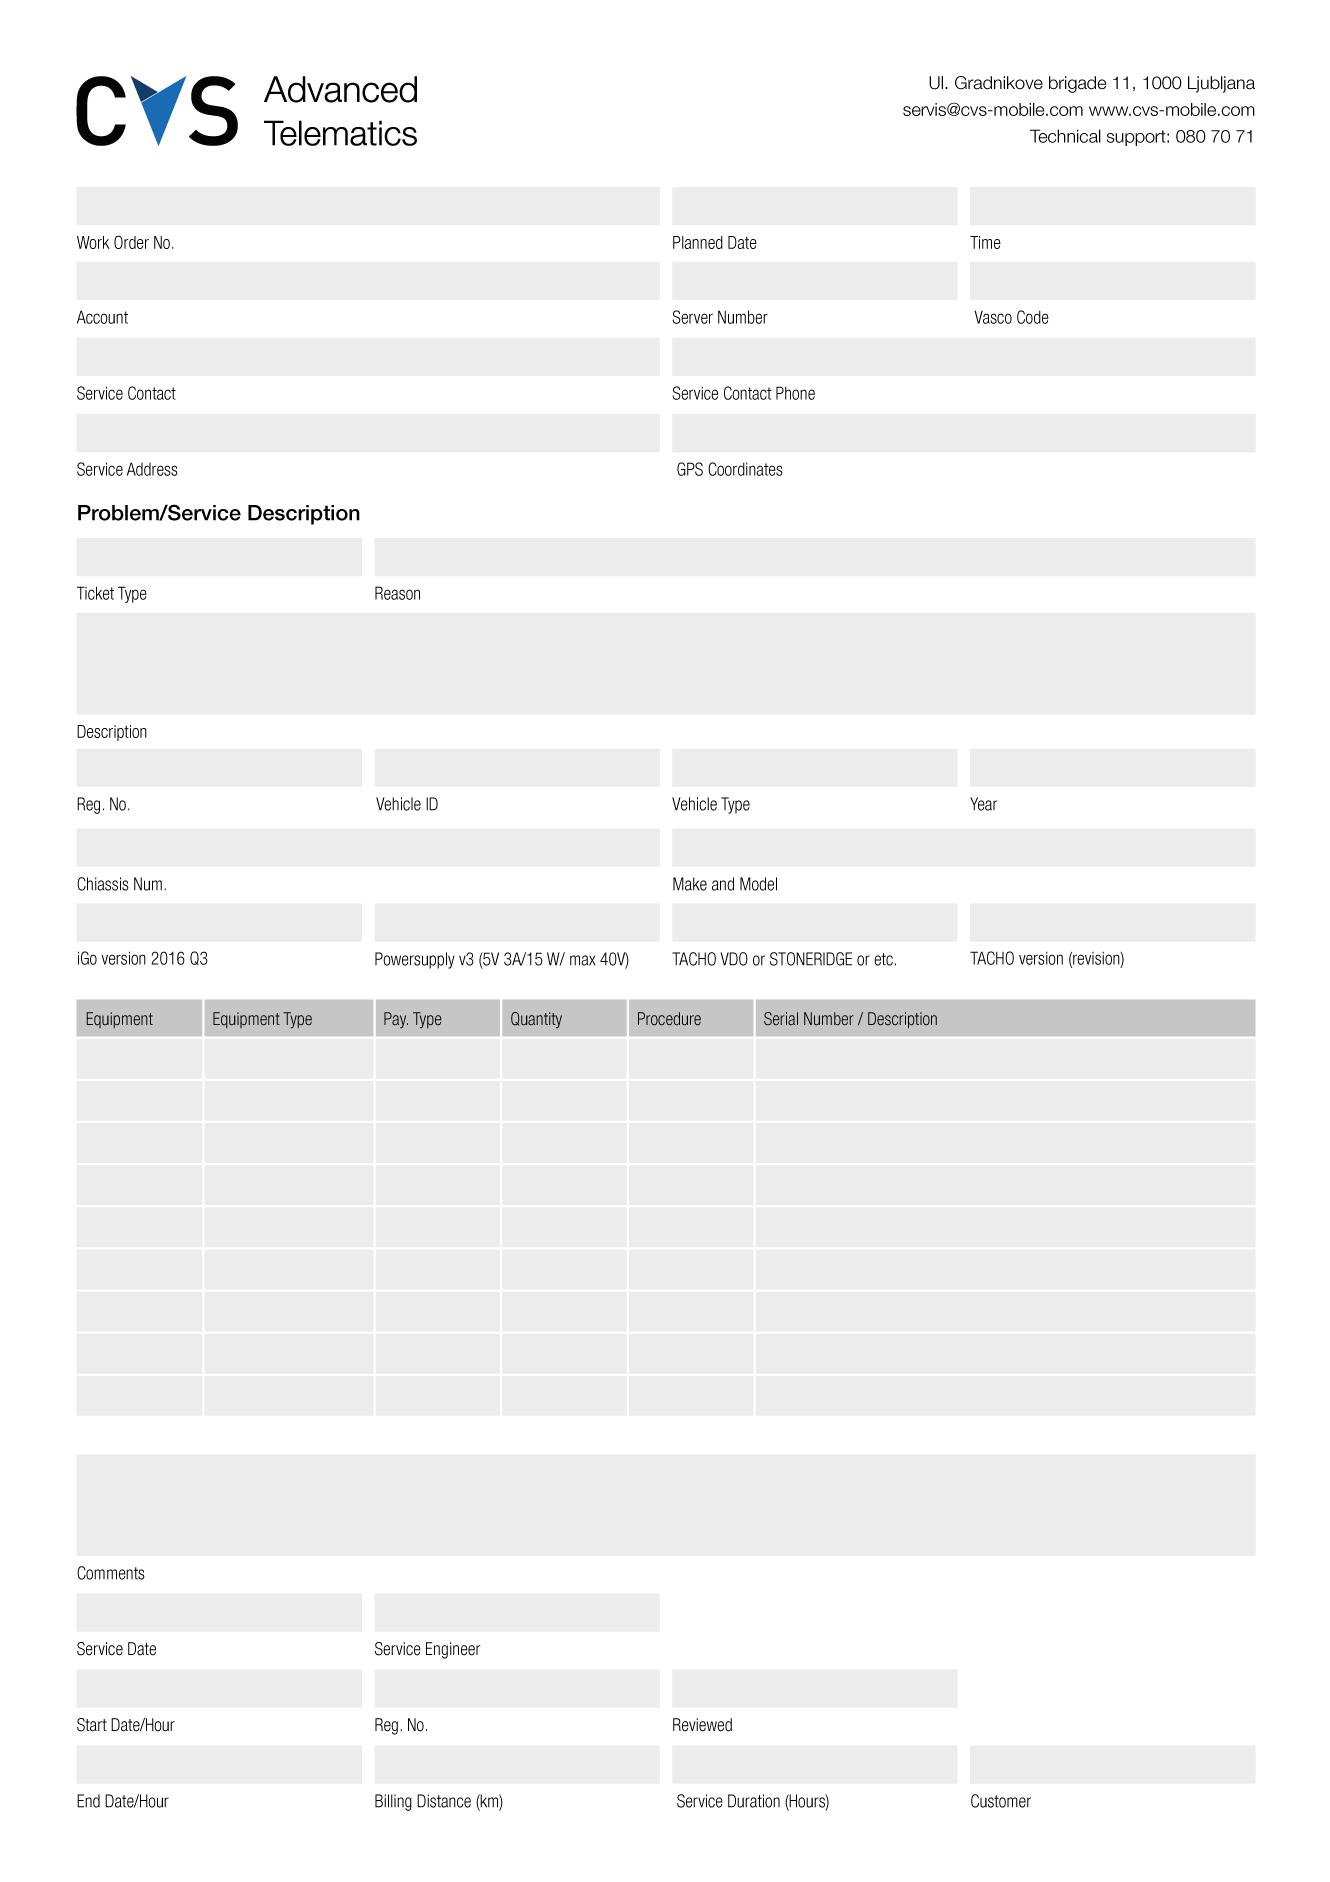 Delovni nalog - CVS Mobile